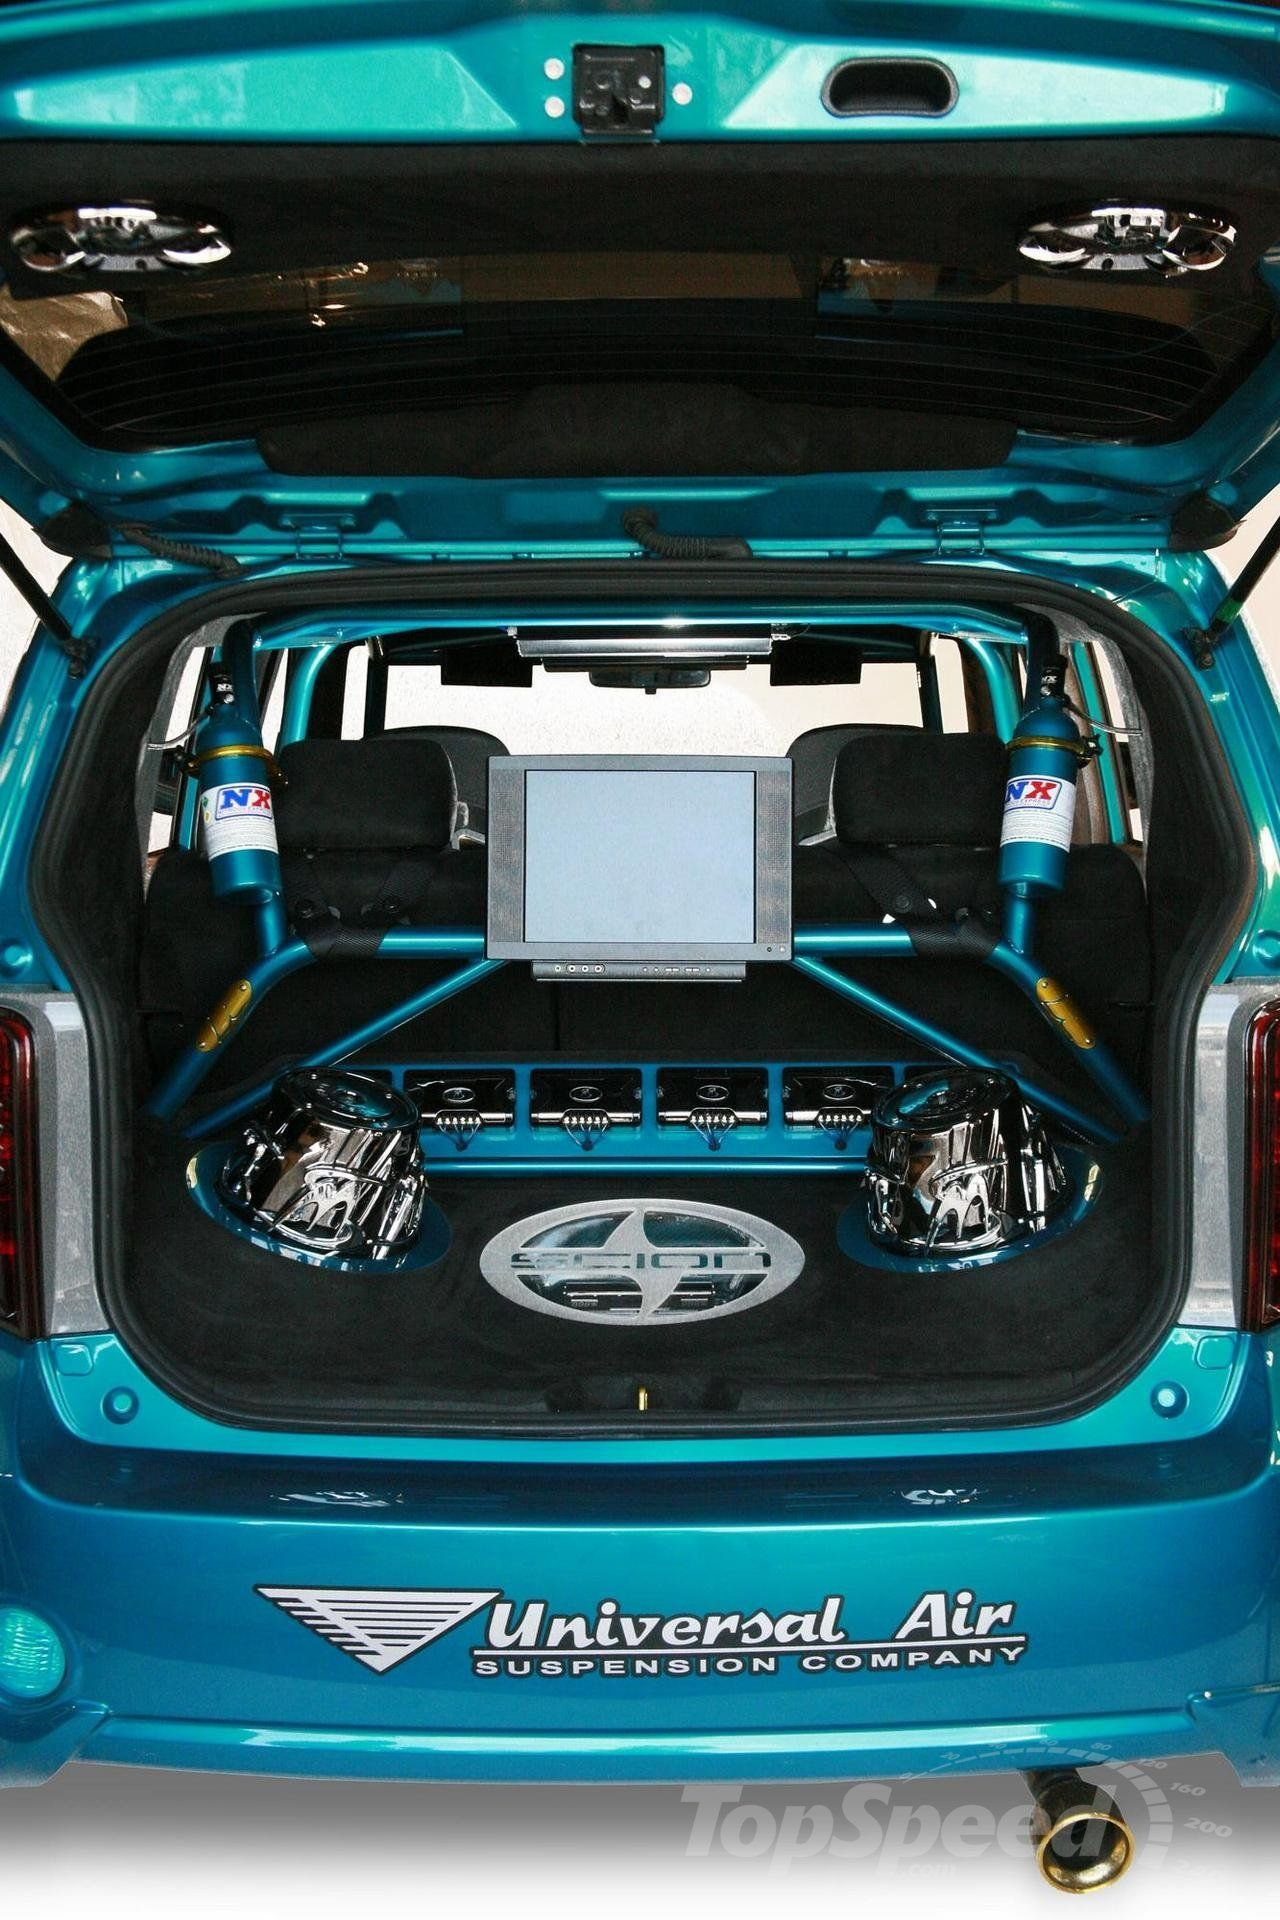 2009 Tuner Challenge Scion xB by Peter Colello | Scion, Car audio ...